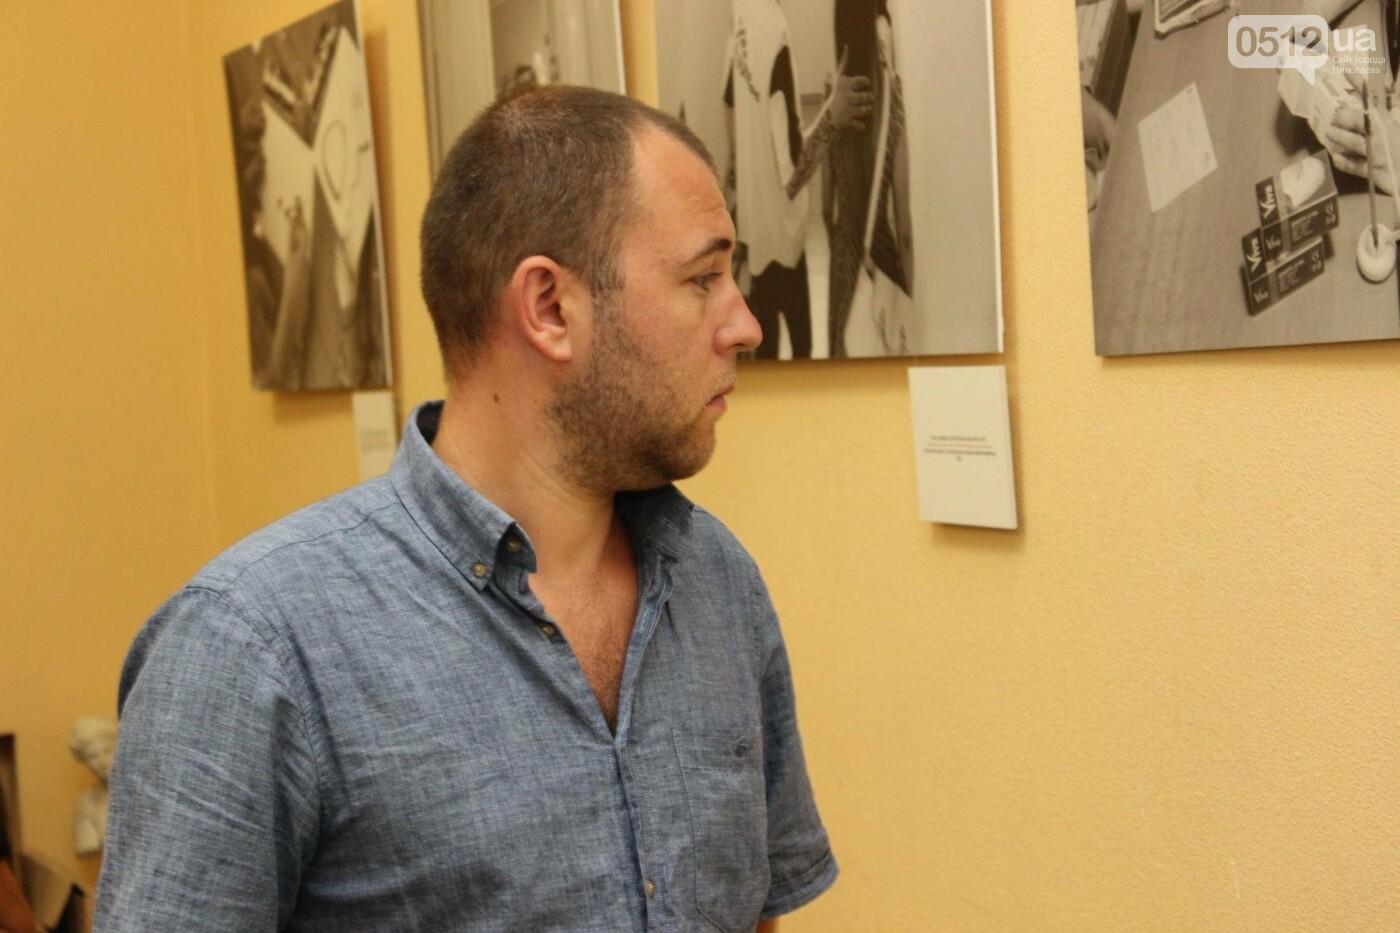 В Николаеве прошла фото-выставка людей, которые борются за жизнь, - ФОТО, фото-15